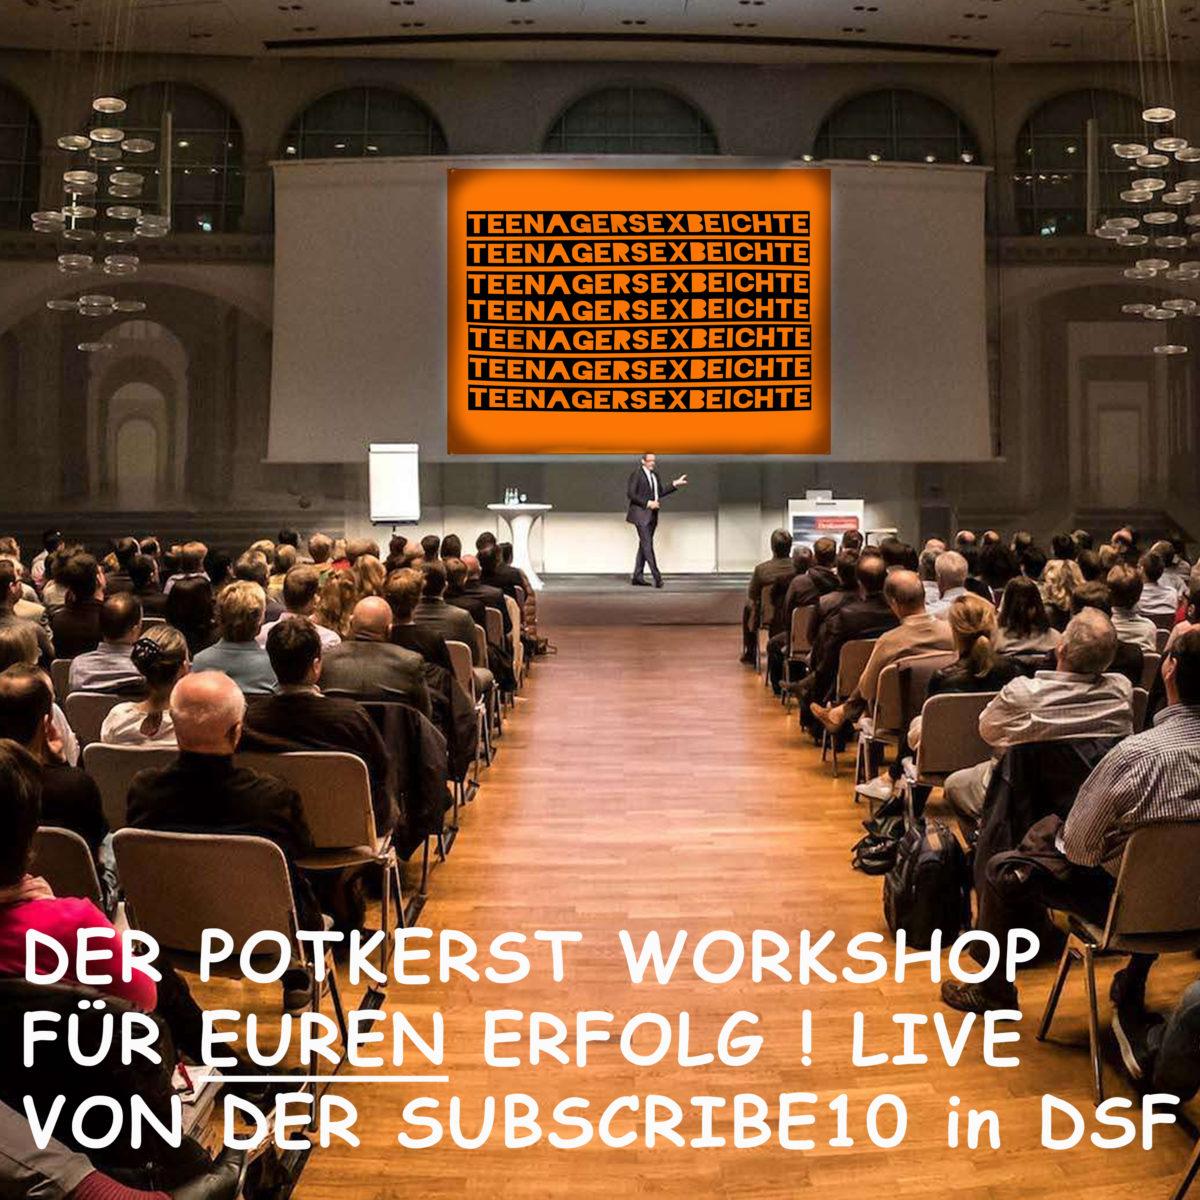 s03e17 agiles portcasting (mit folie, werkshop) Live von DSF